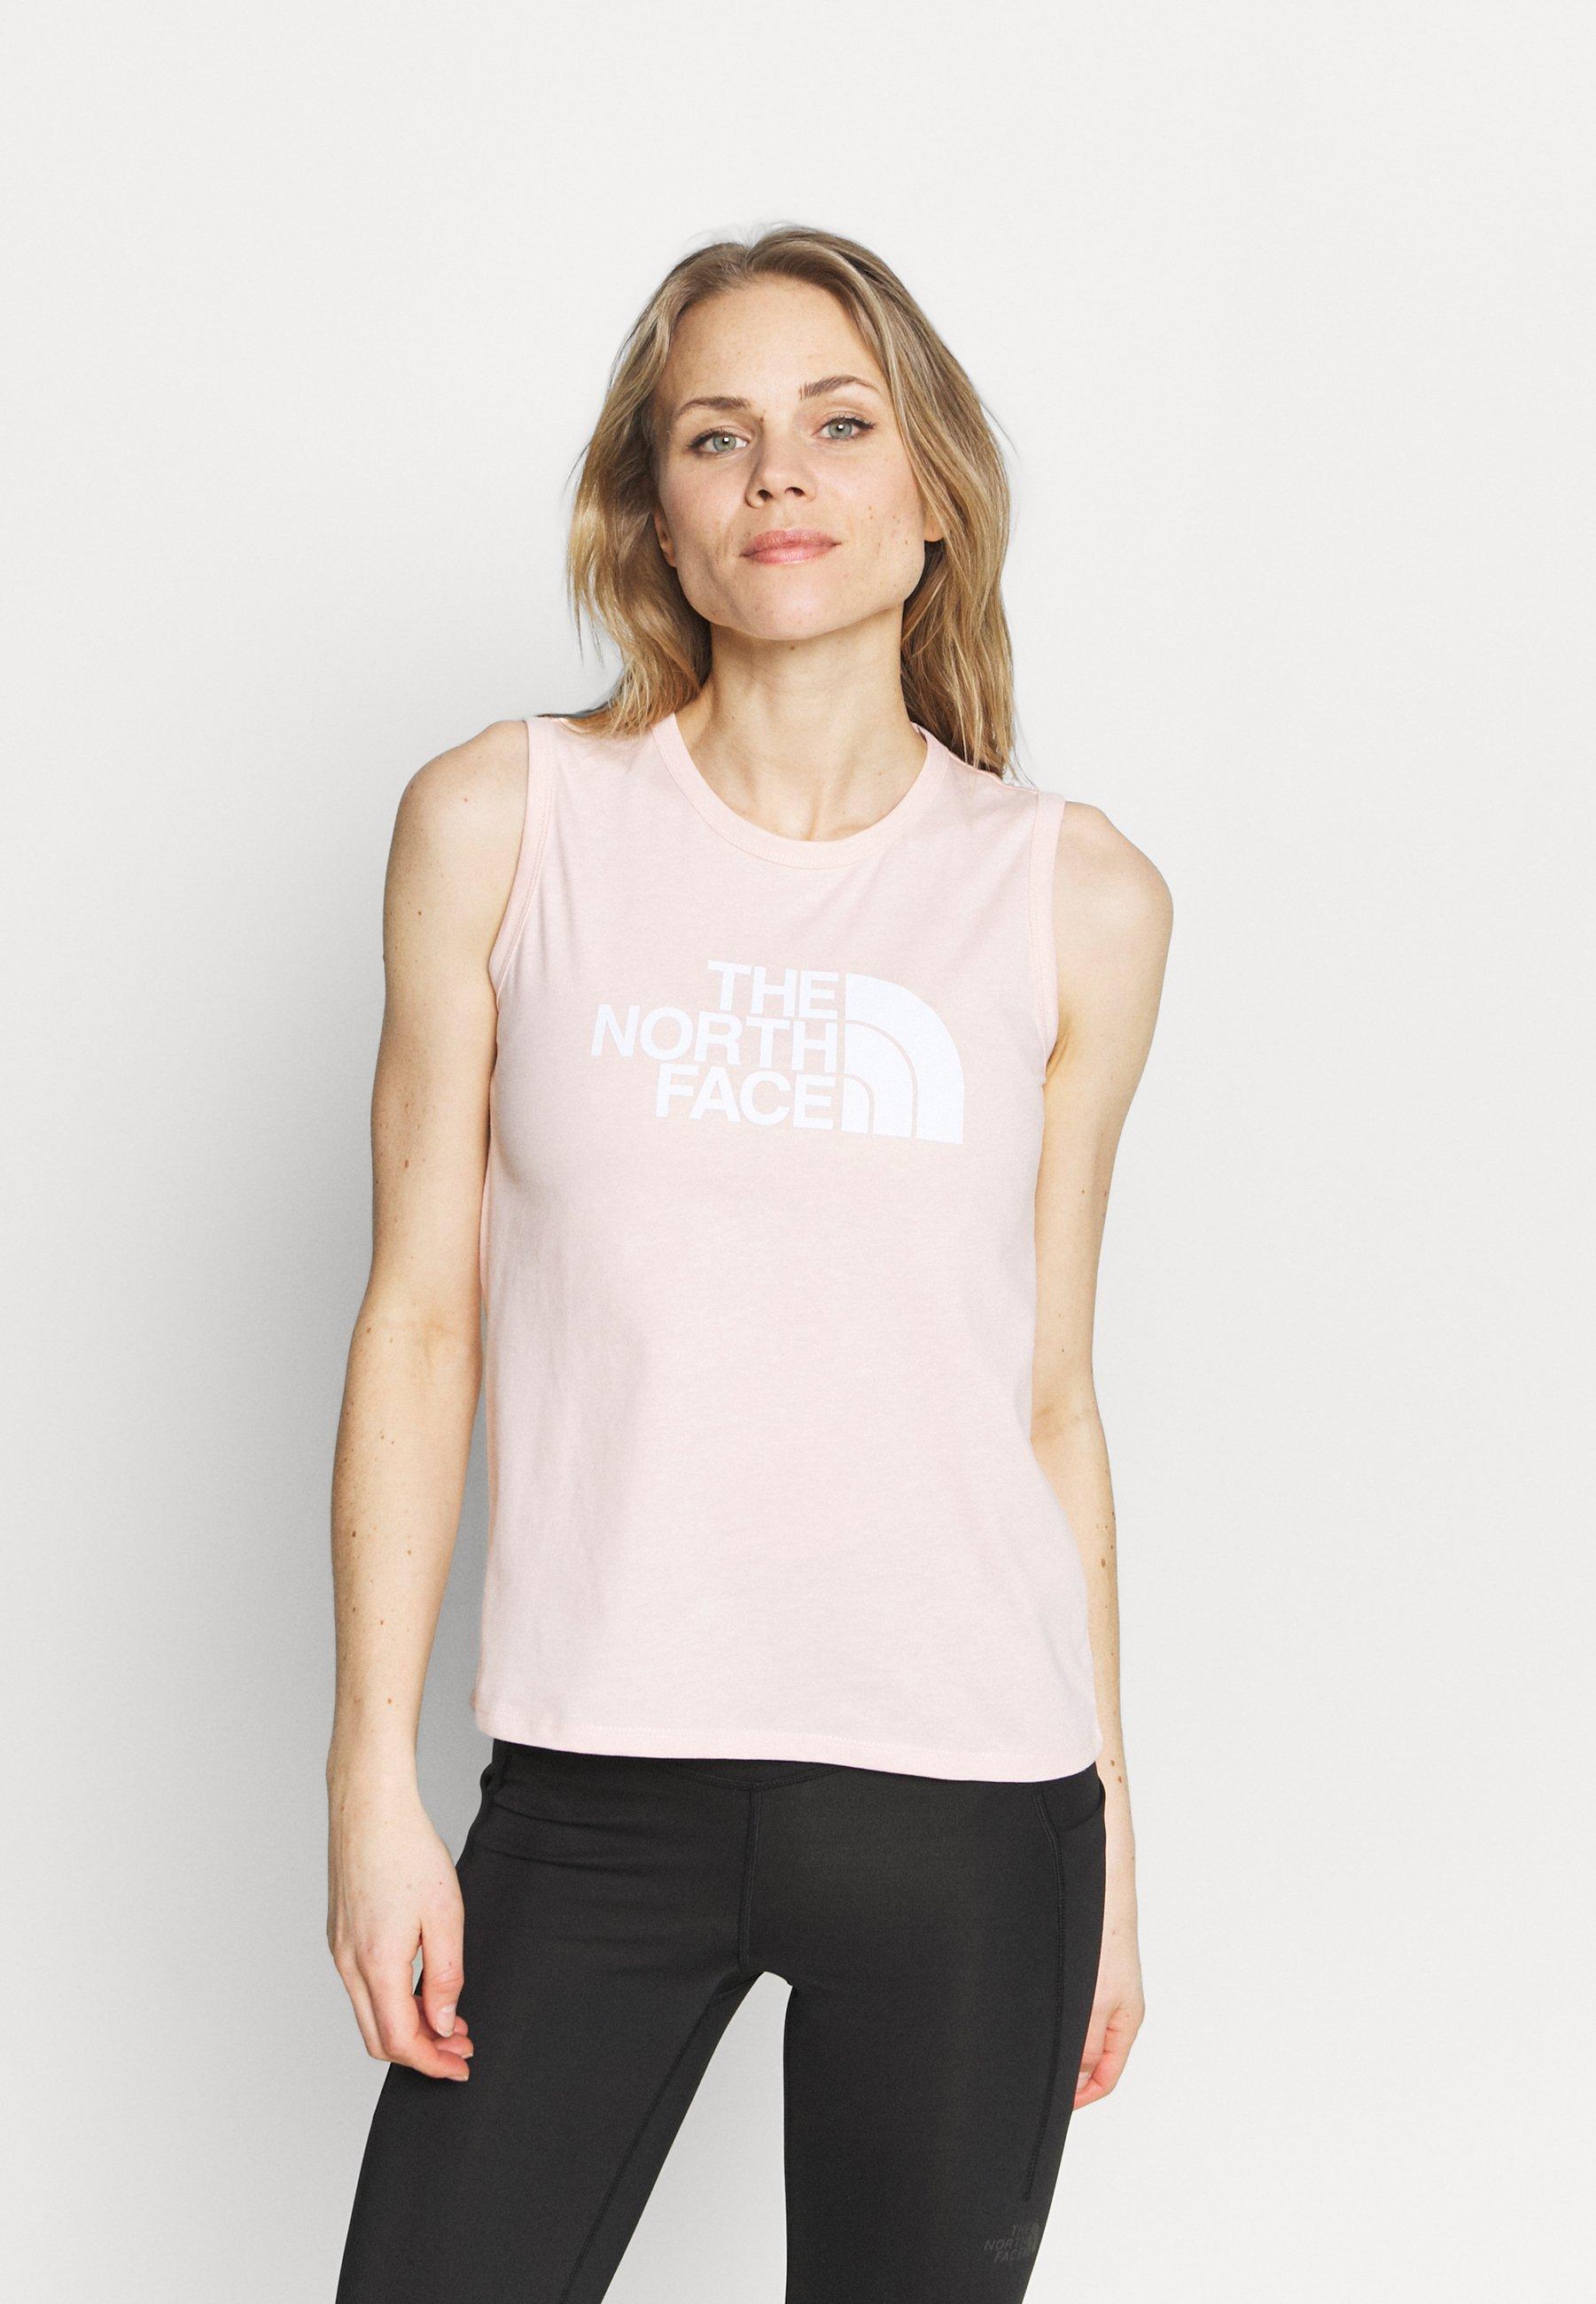 Women W FOUNDATION GRAPHIC TANK - EU - Sports shirt